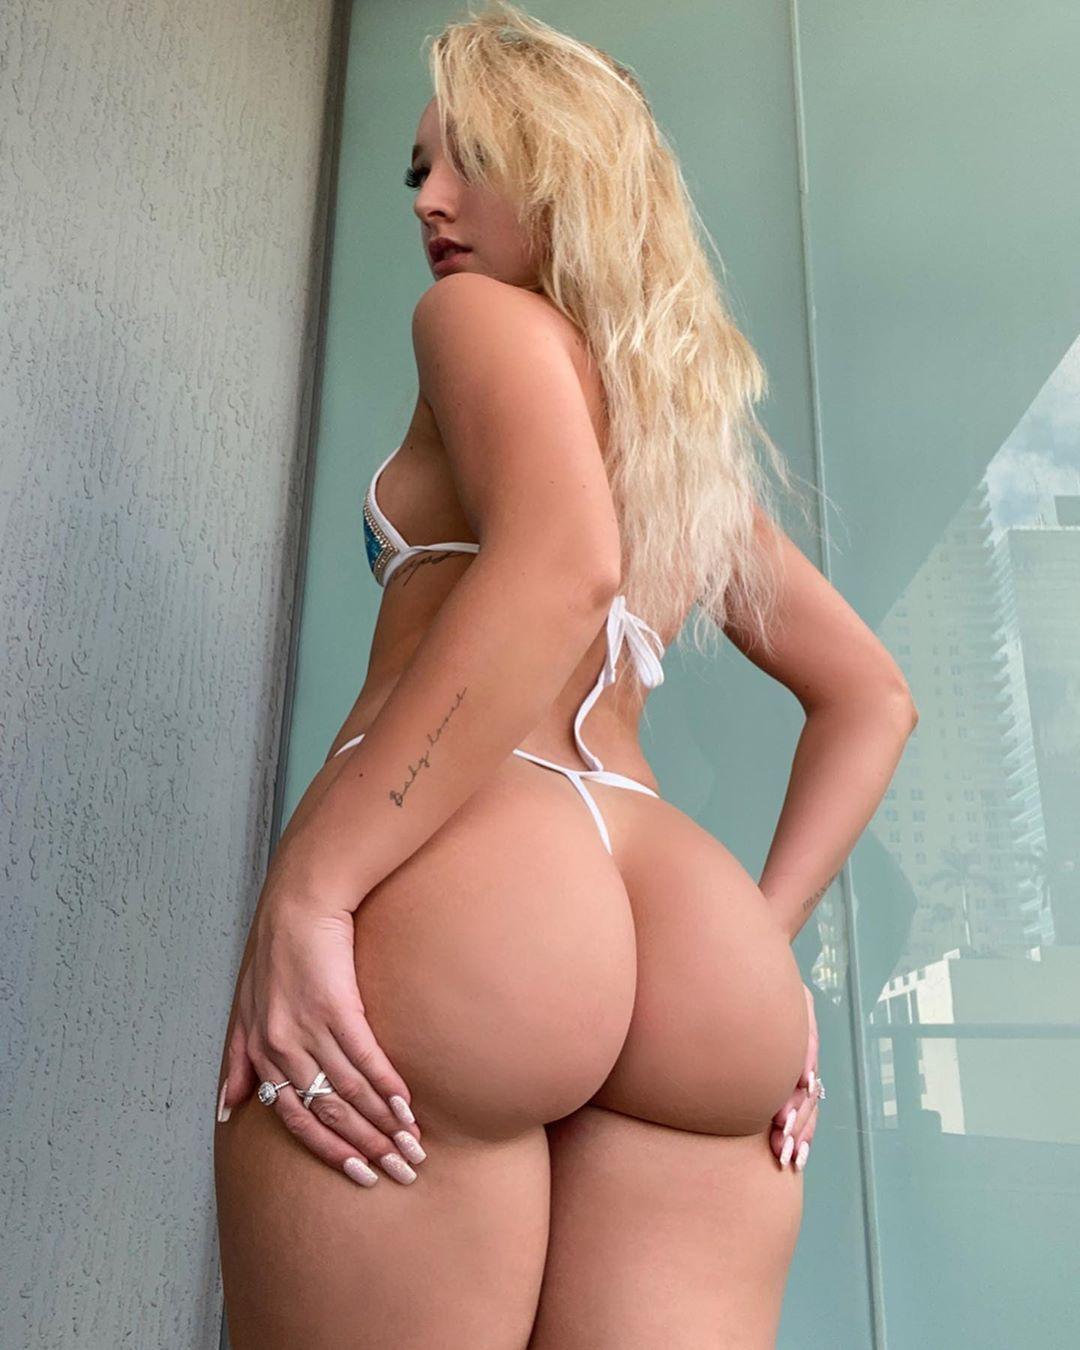 Jenni Niemaann Sexy & Topless 0082